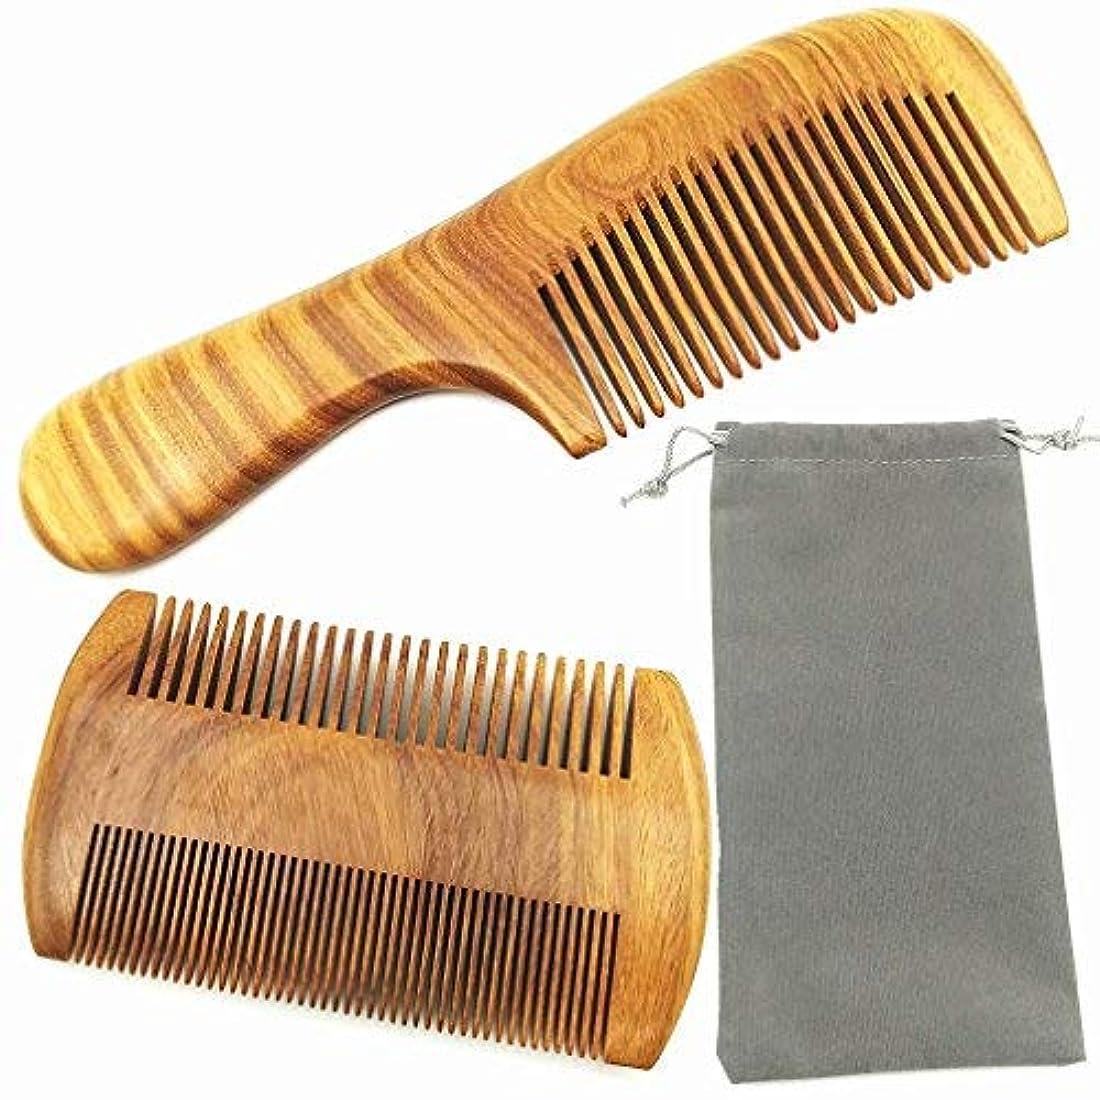 発送海神秘的なHair Combs ? Handmade Natural Aroma Green Sandalwood Wooden Comb Set - No Static Fine Sides & Wide Tooth Hair...